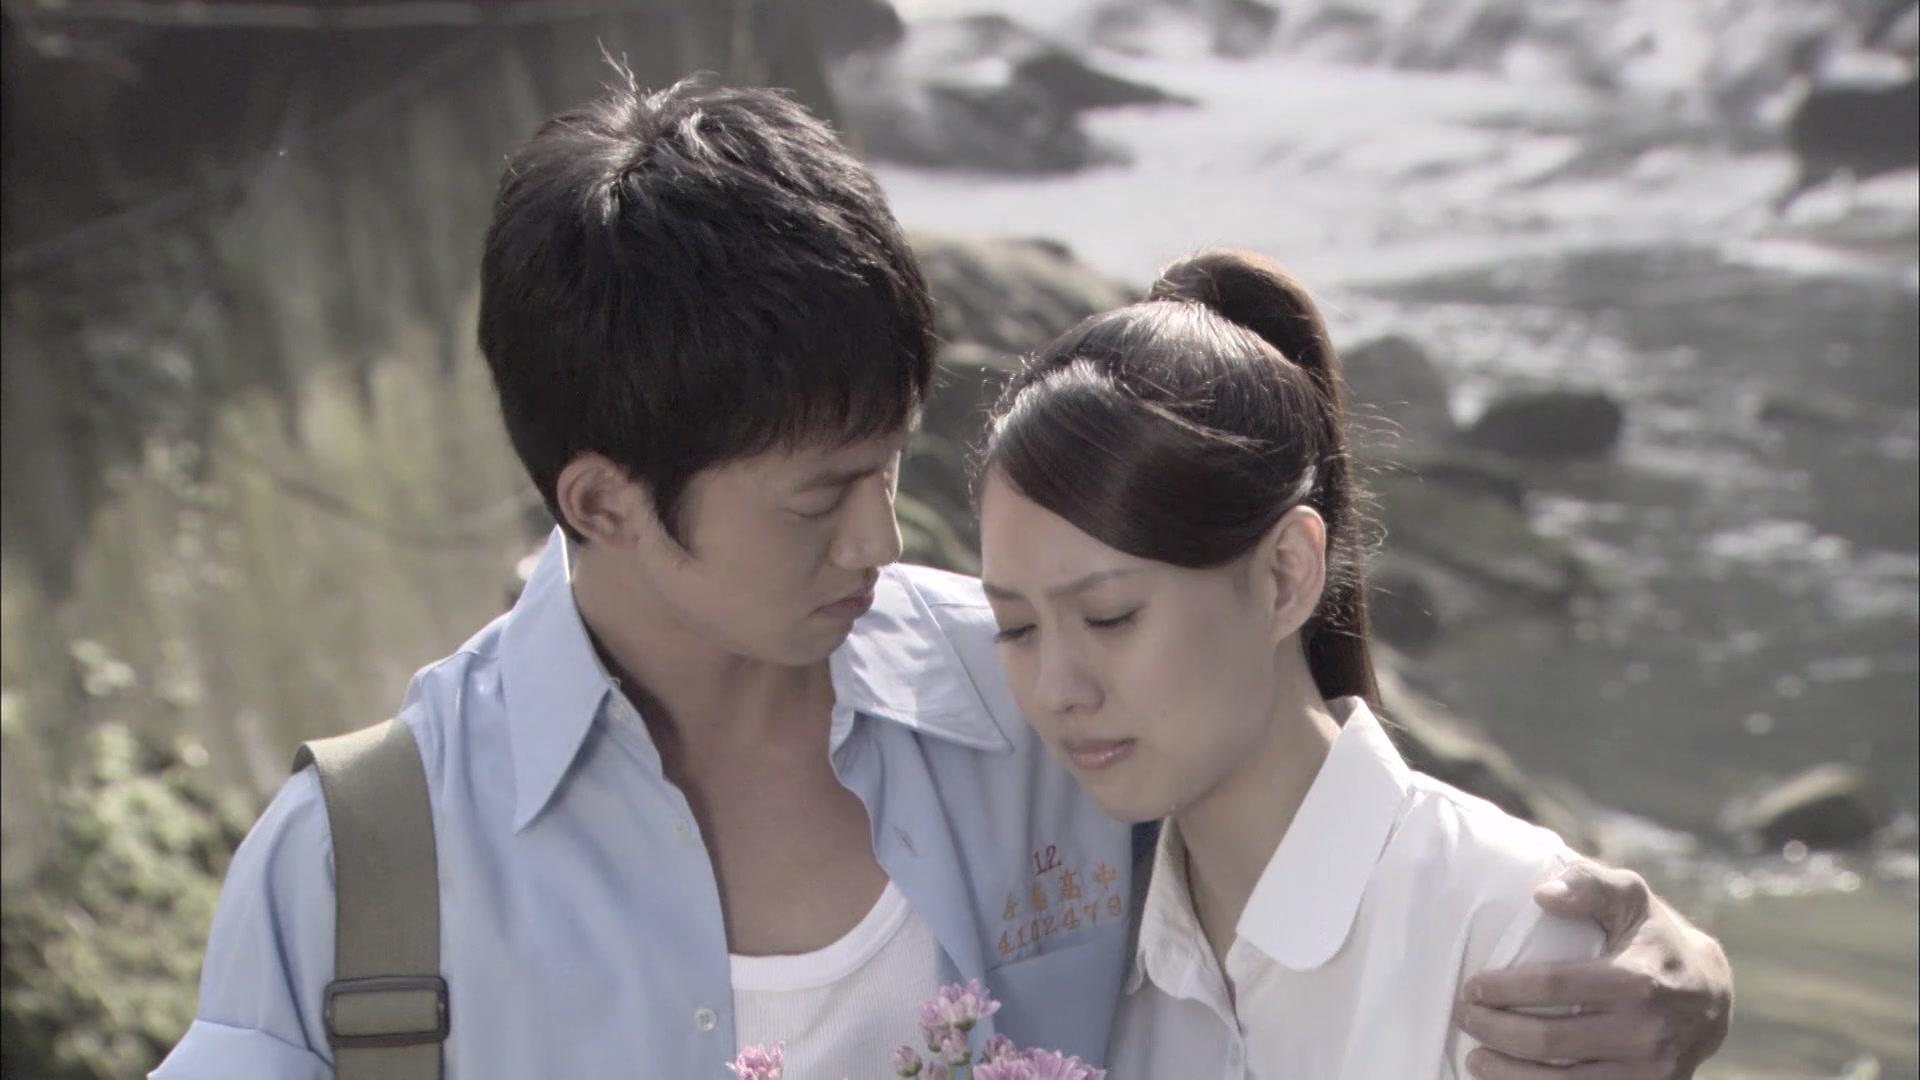 Autumn s concerto wallpaper - Autumn S Concerto Episode 28 Watch Full Episodes Free Taiwan Tv Shows Rakuten Viki